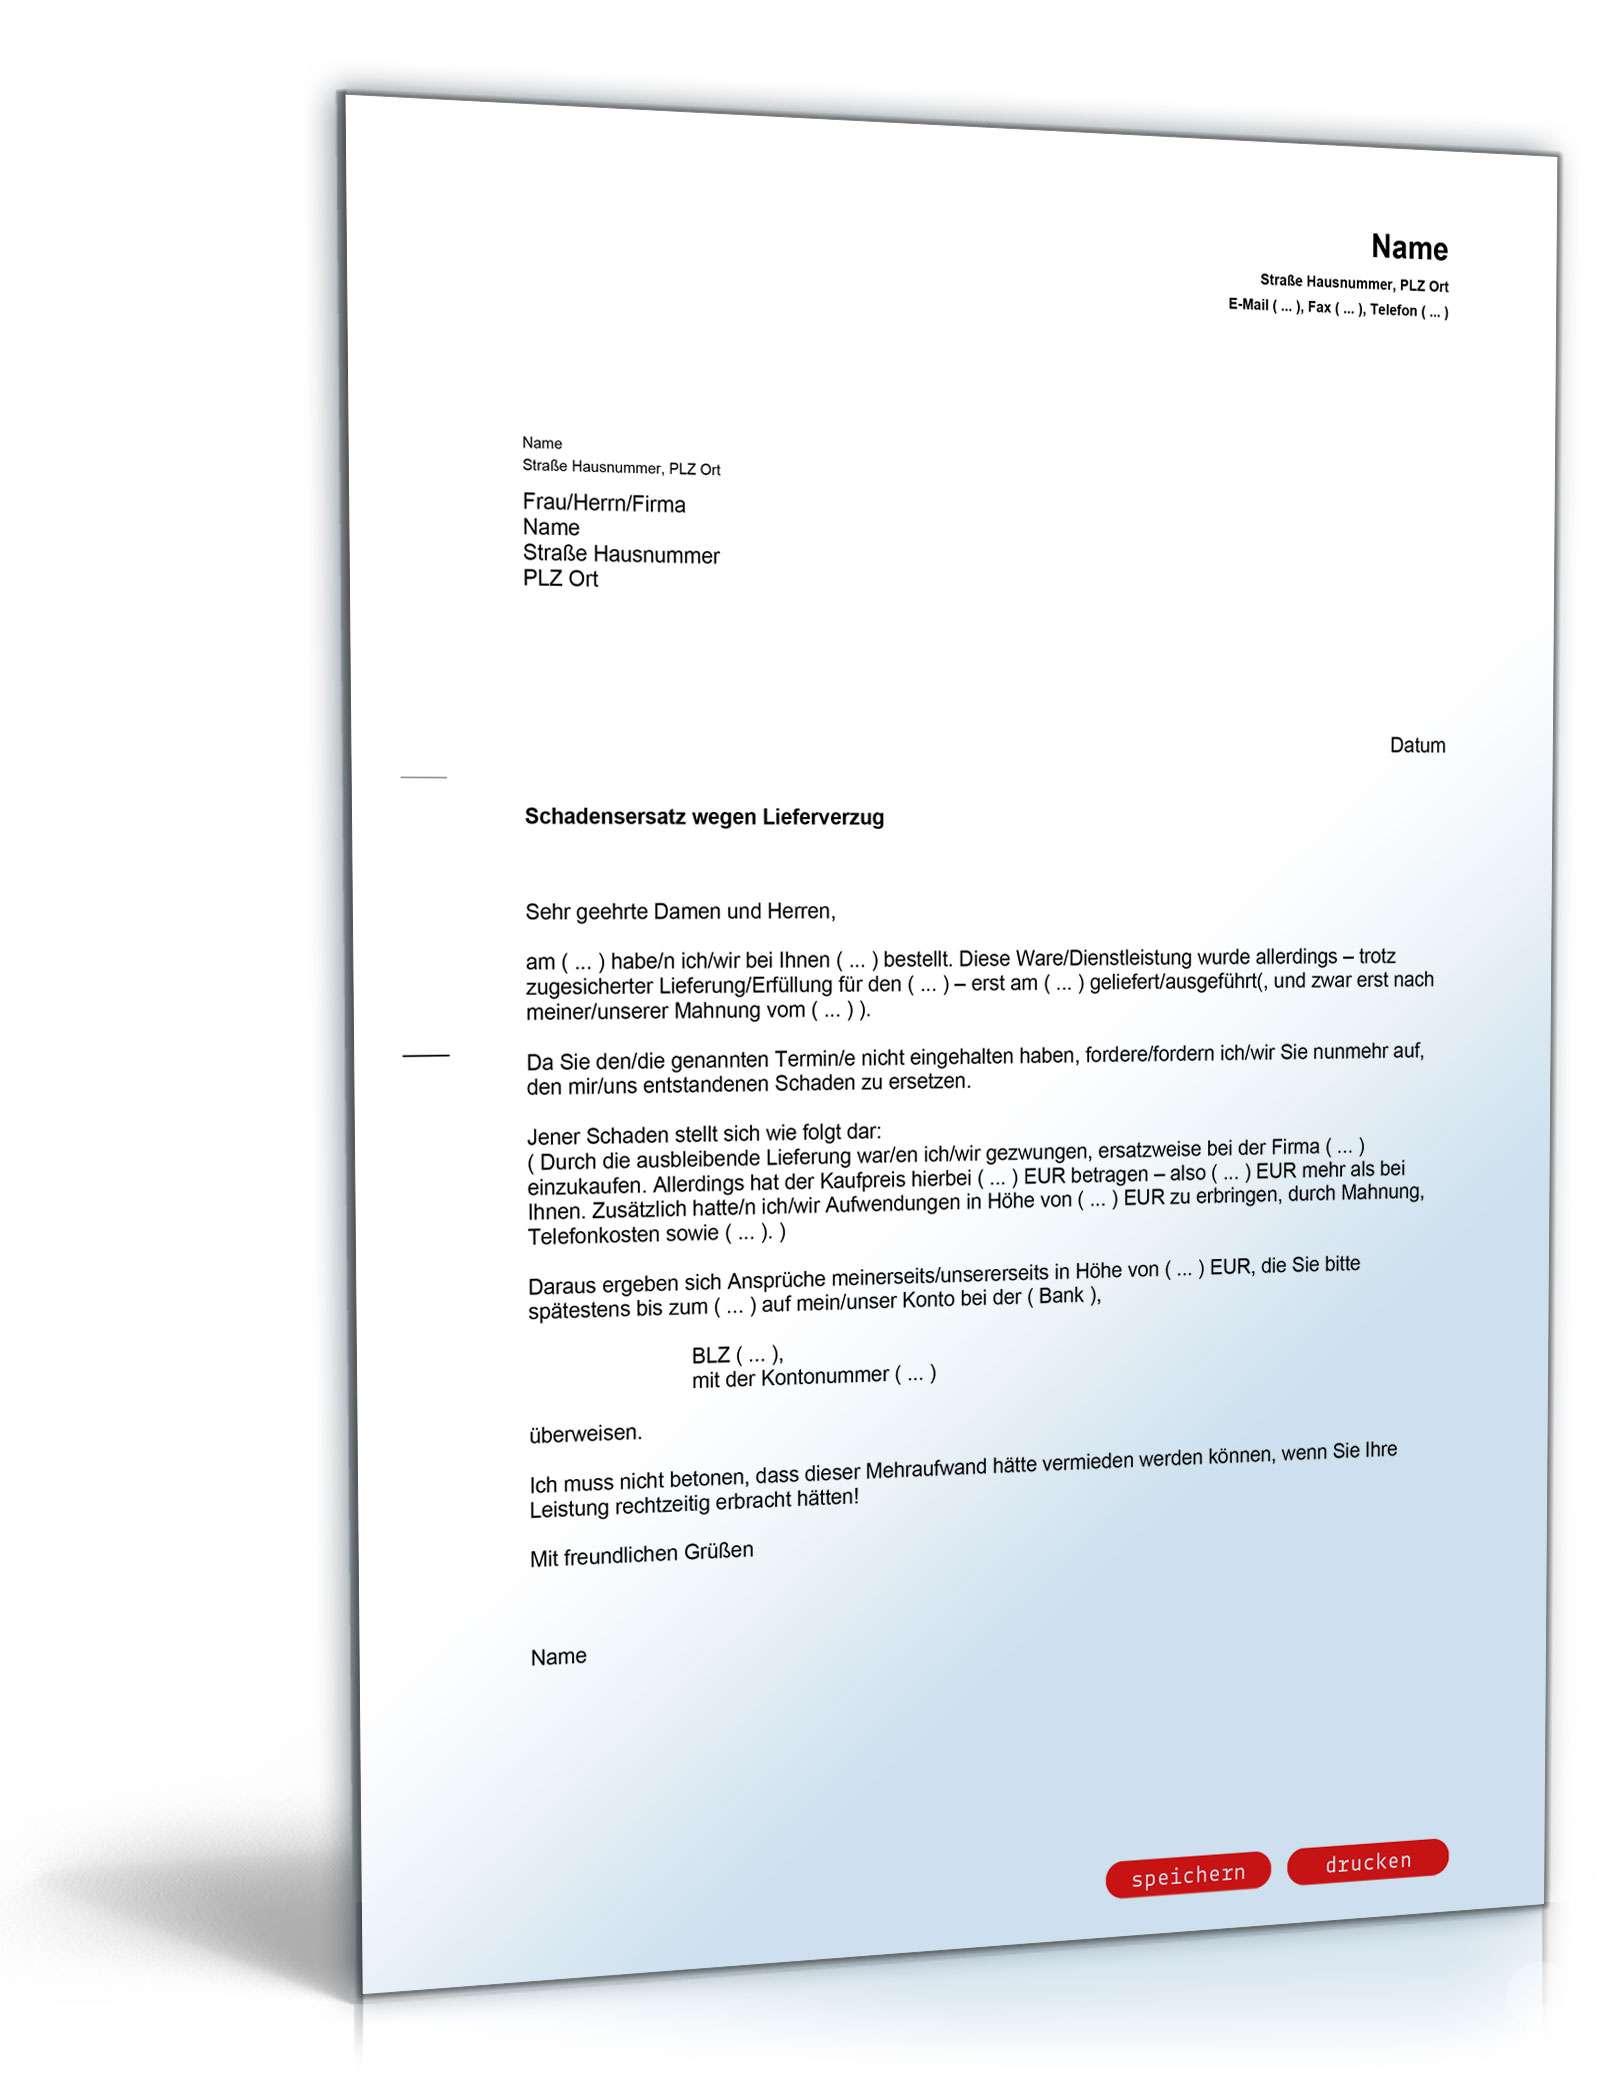 Schadensersatz Wegen Verspäteter Lieferung Vorlage Zum Download